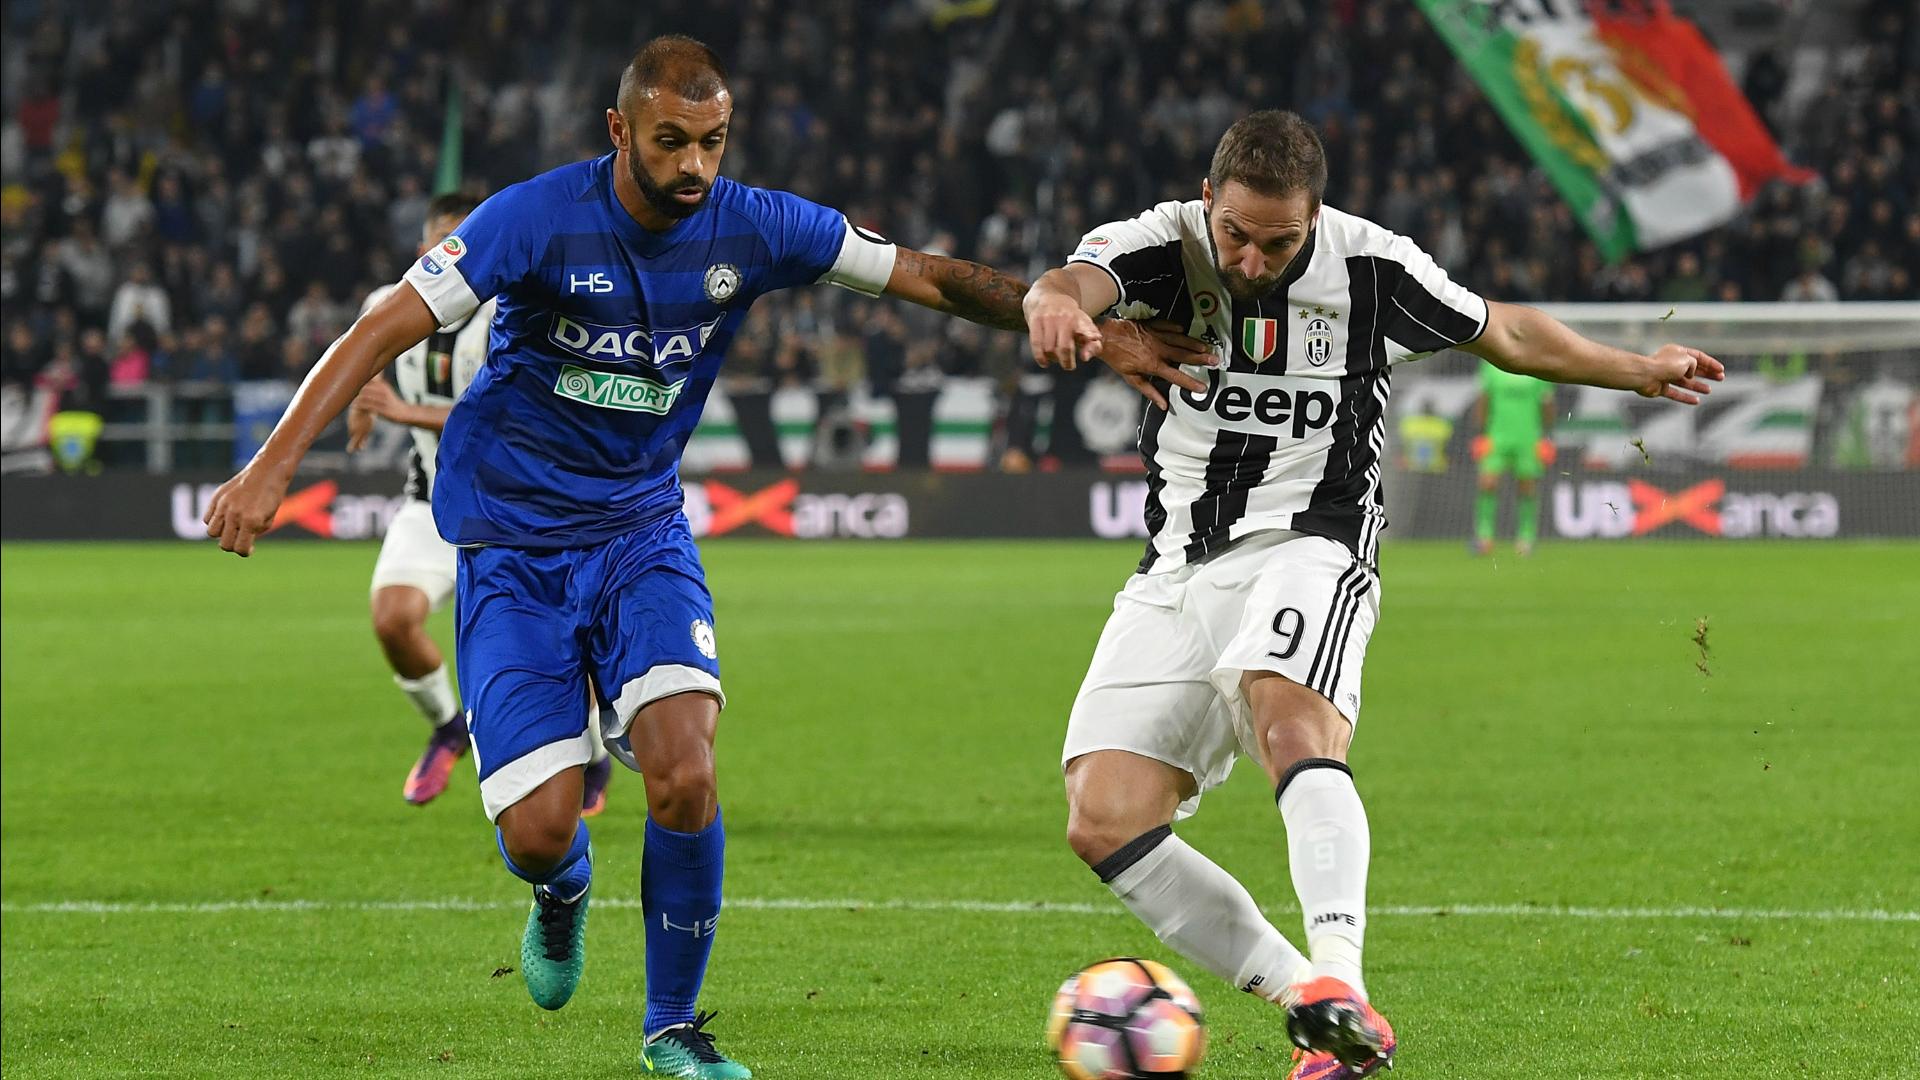 Alta tensione Udinese, Danilo sfiora la rissa. Delneri urla: